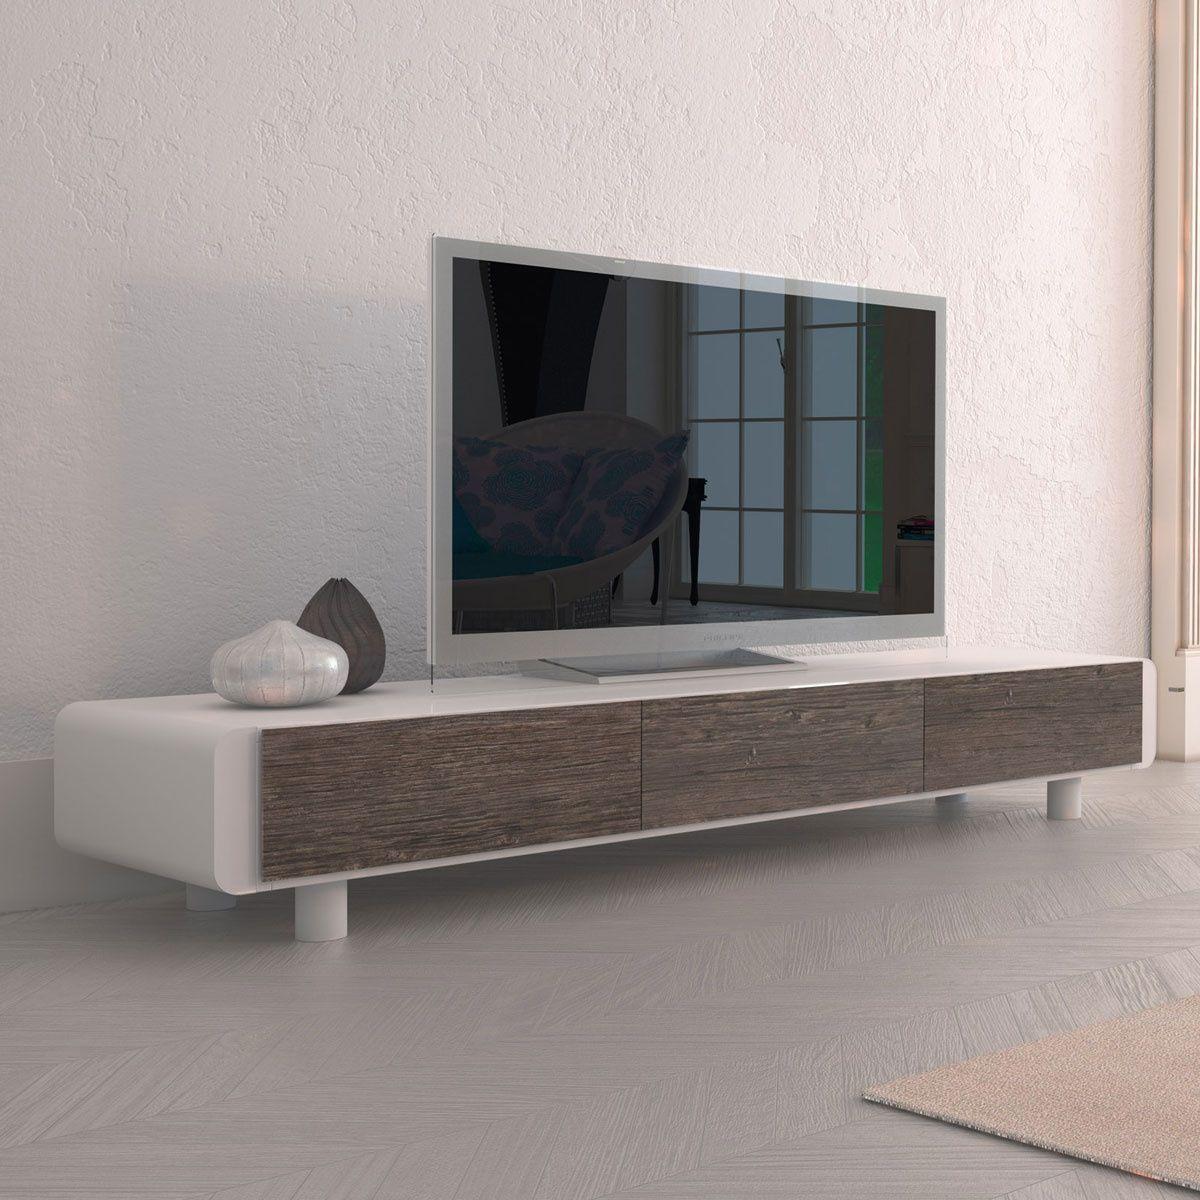 14 Staggering Bild Von Tv Schrank Geschlossen Tv Mobel Lowboard Tv Mobel Tv Mobel Geschlossen